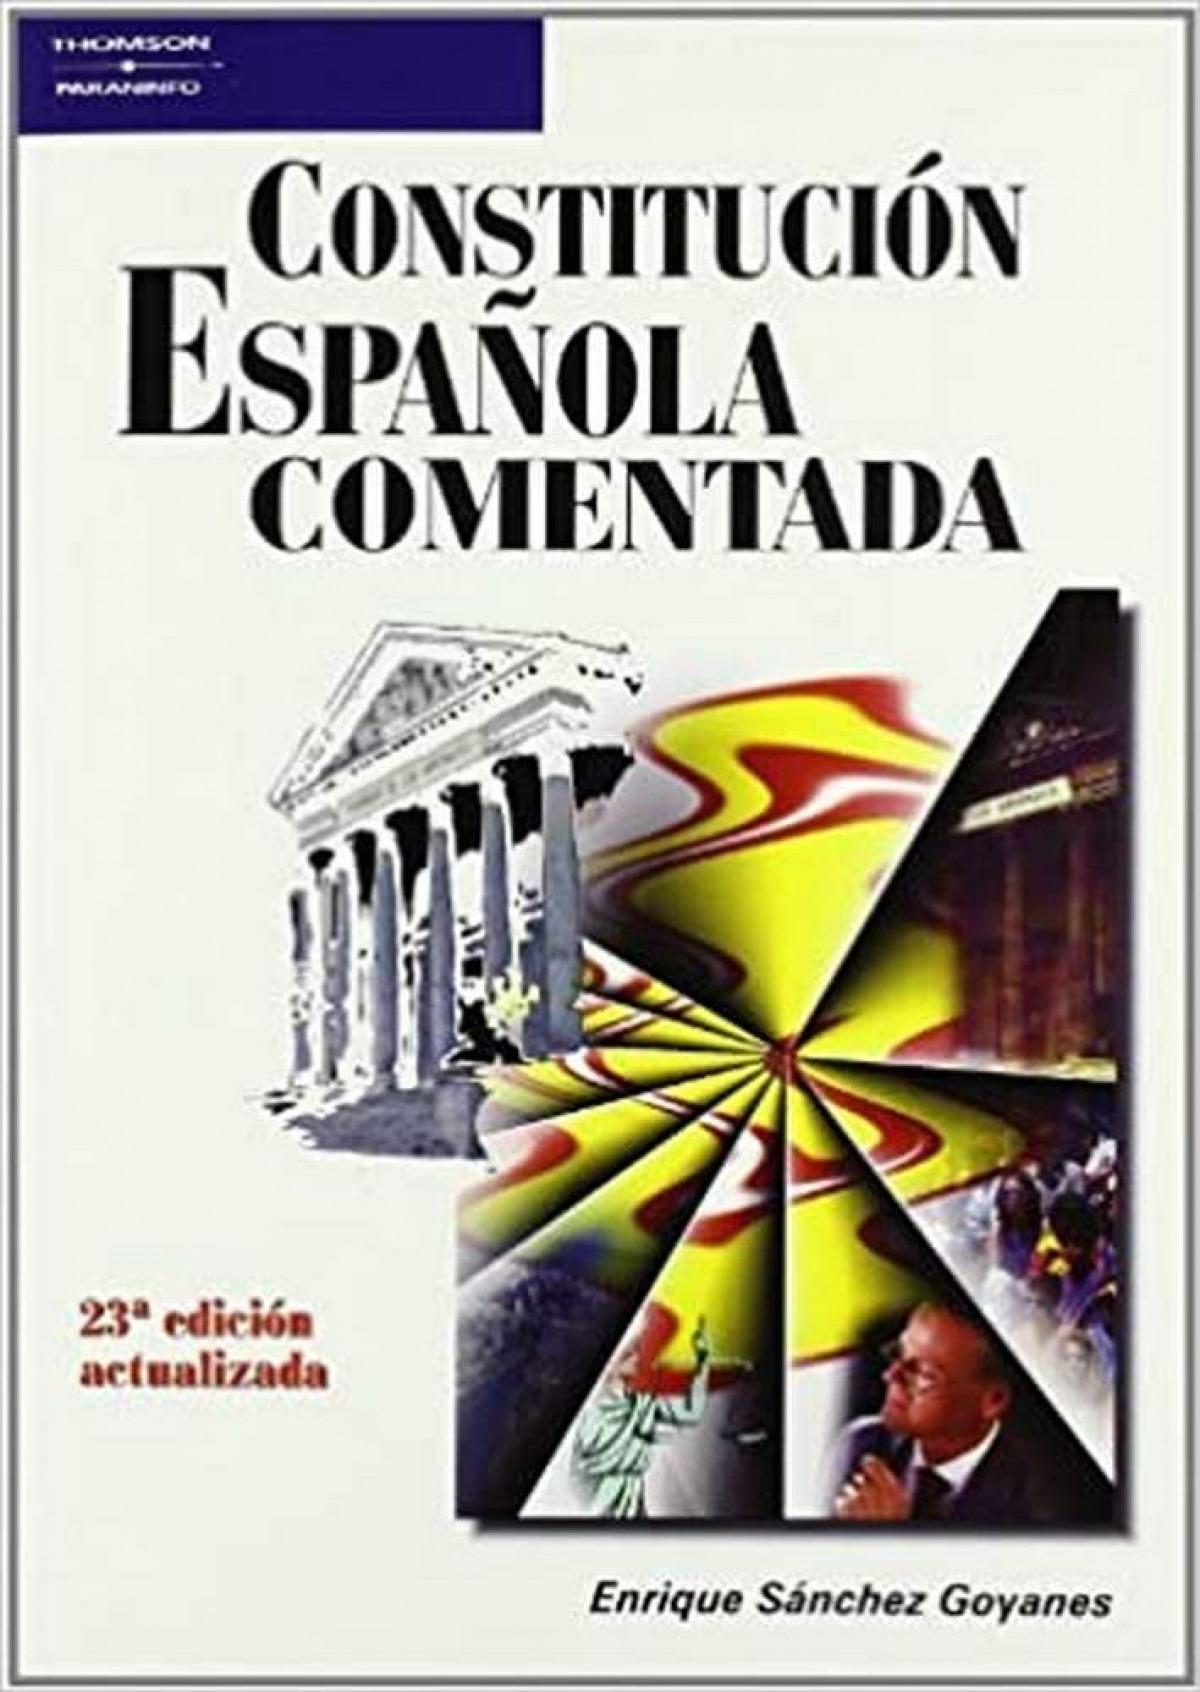 Constitución española comentada, 26a. edición